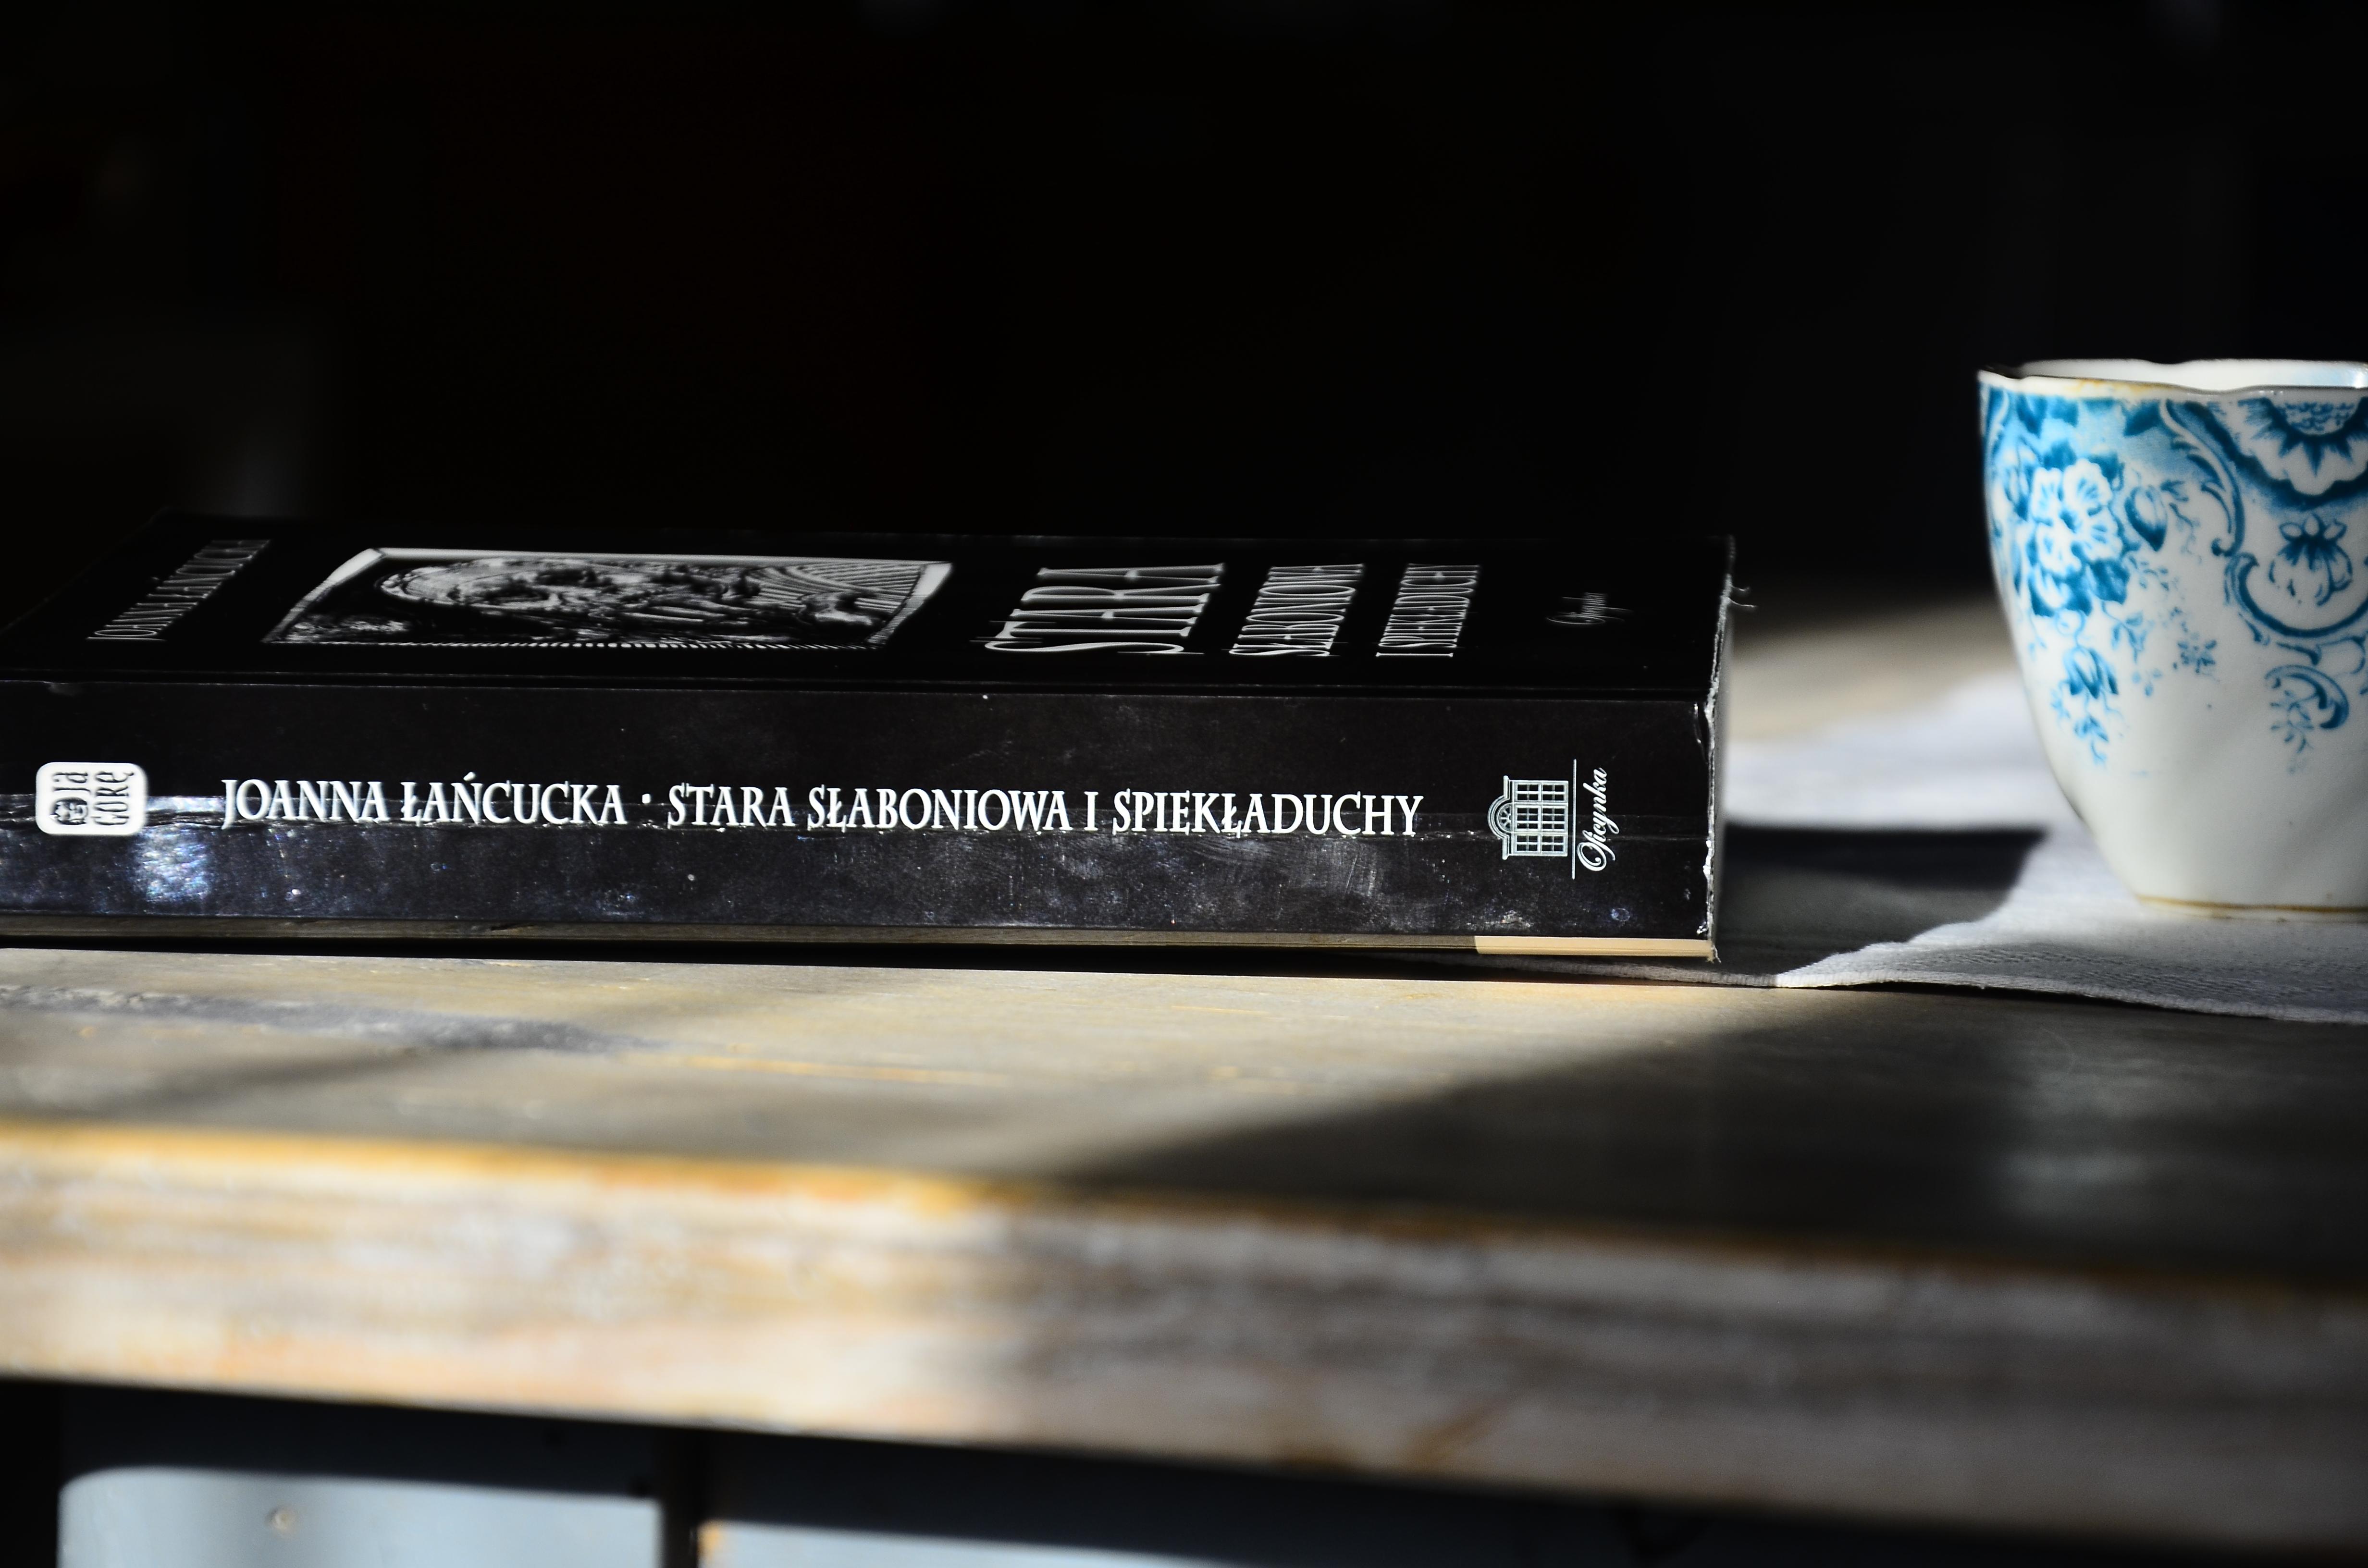 Książka leżąca na stole w świetle słońca